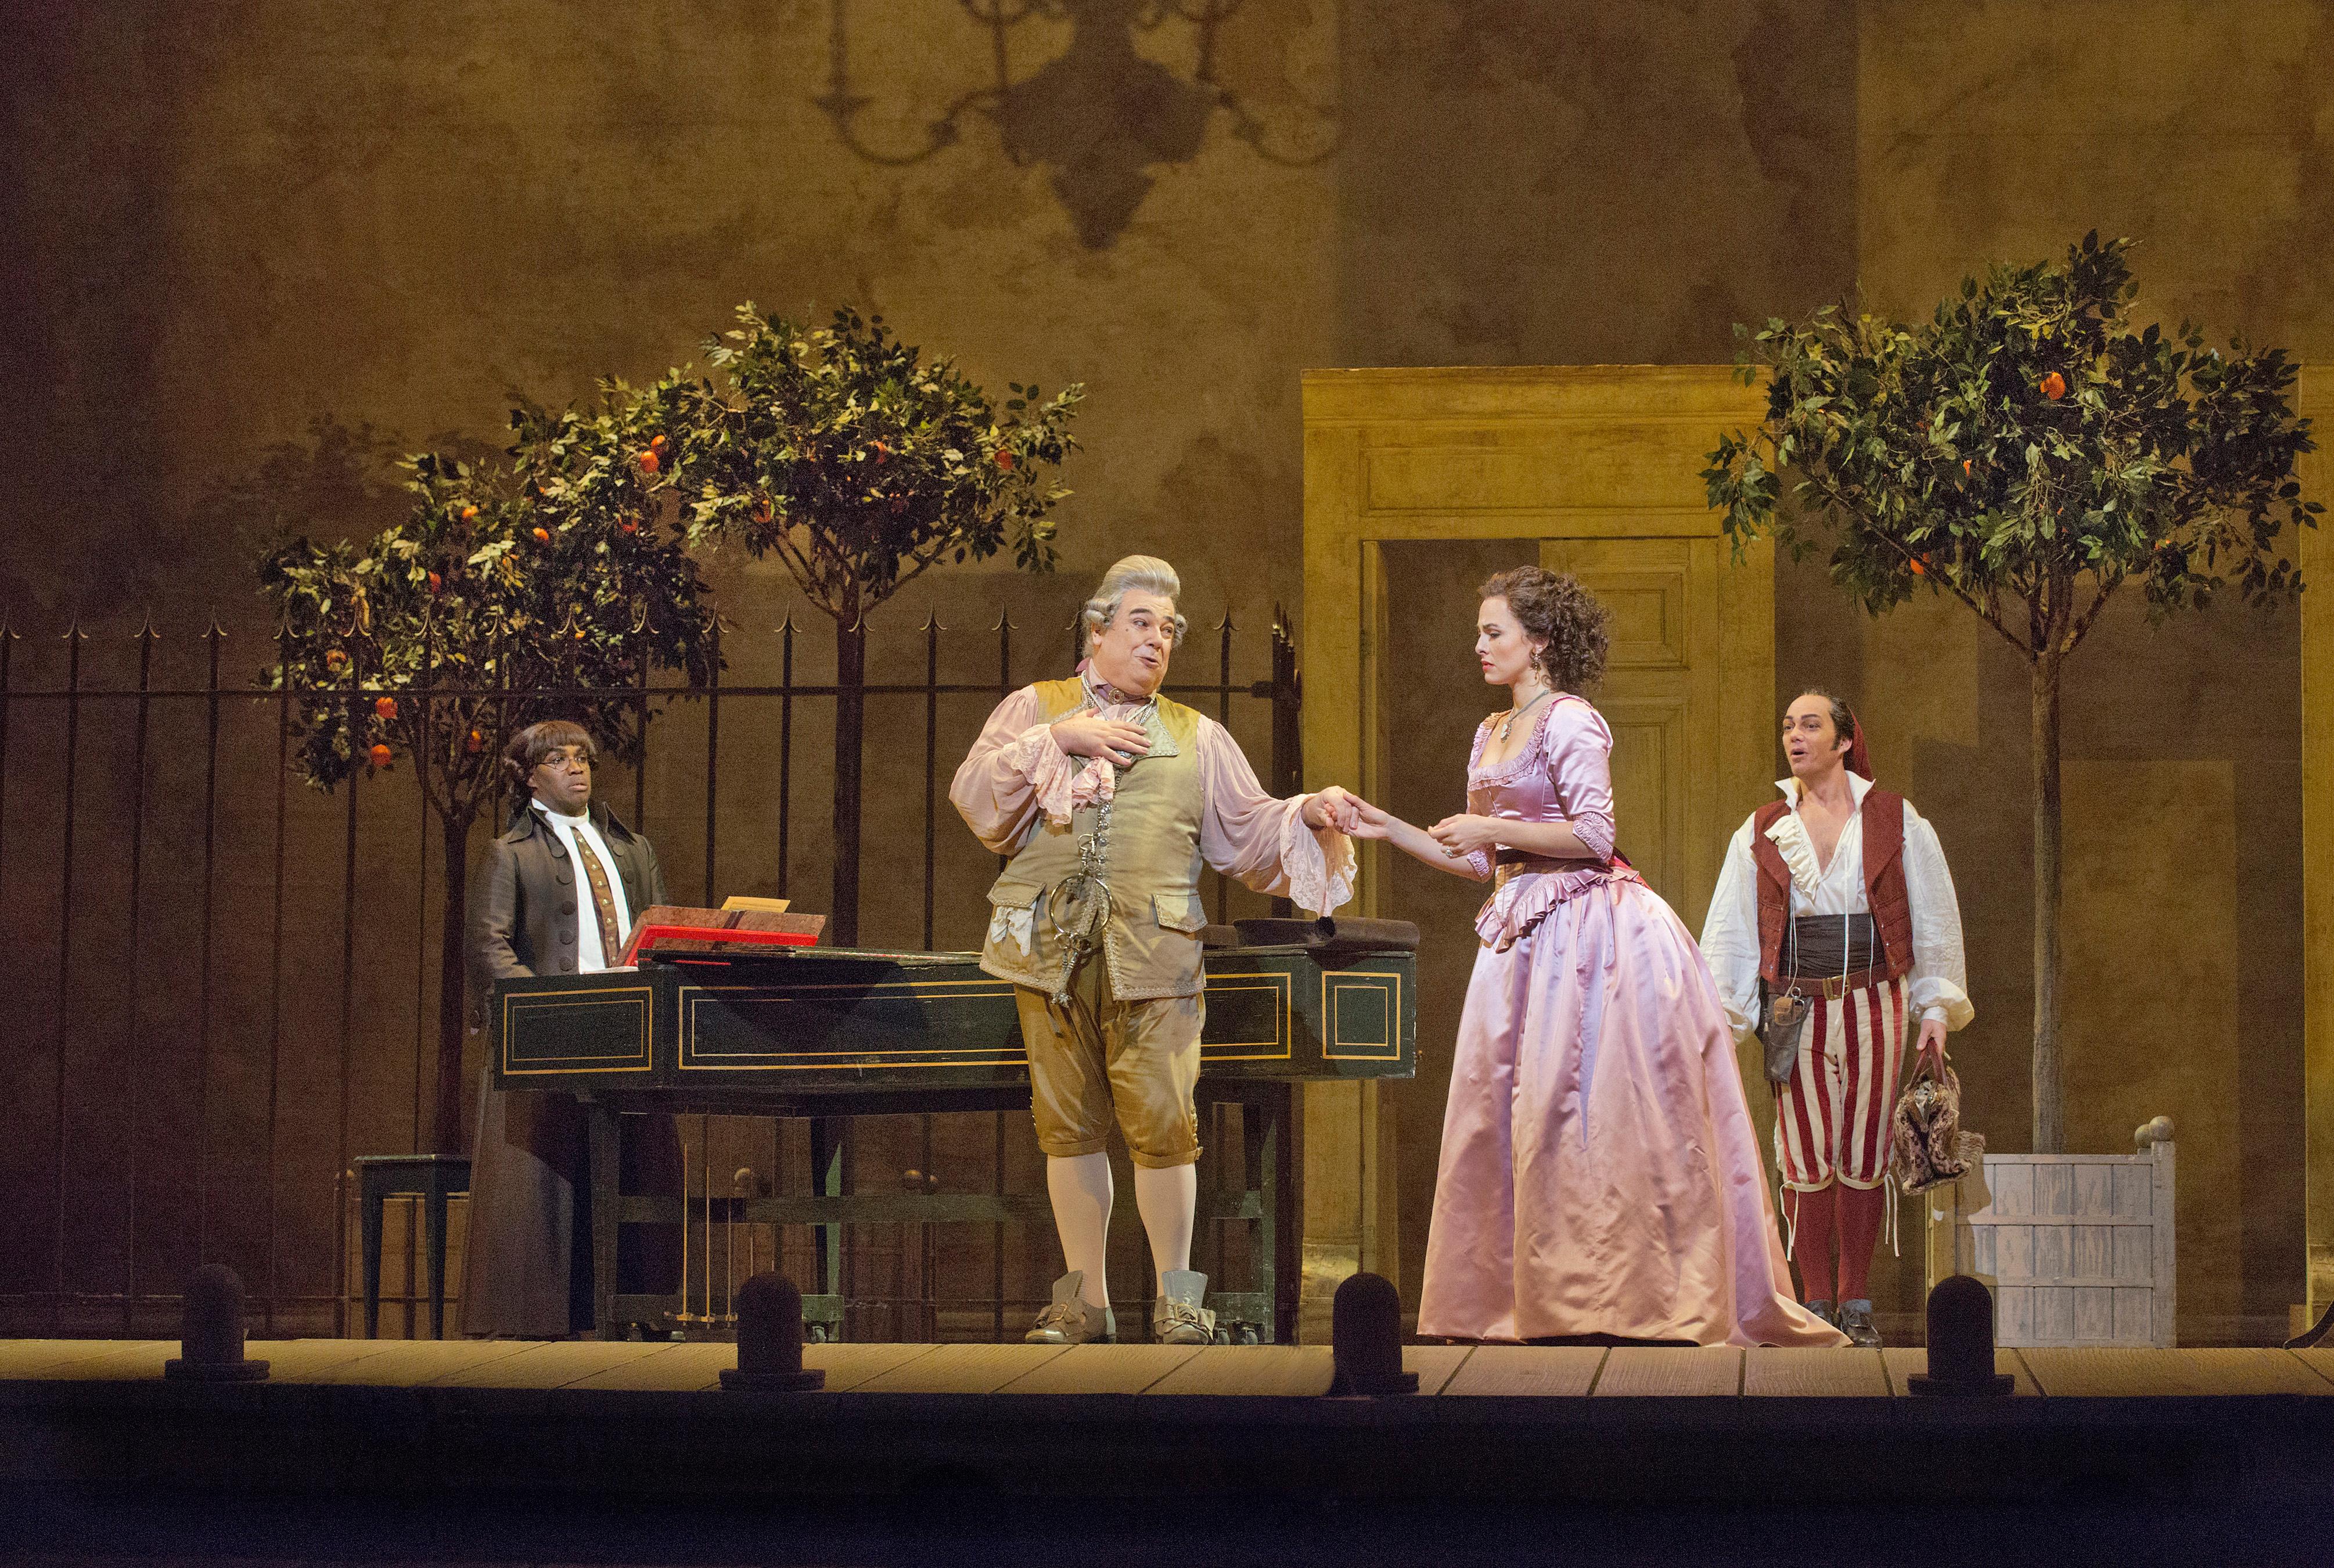 In the Met's production of Rossini's Il Barbiere di Siviglia, Maurizio Muraro (second from left) delivers a subtle, regal performance.